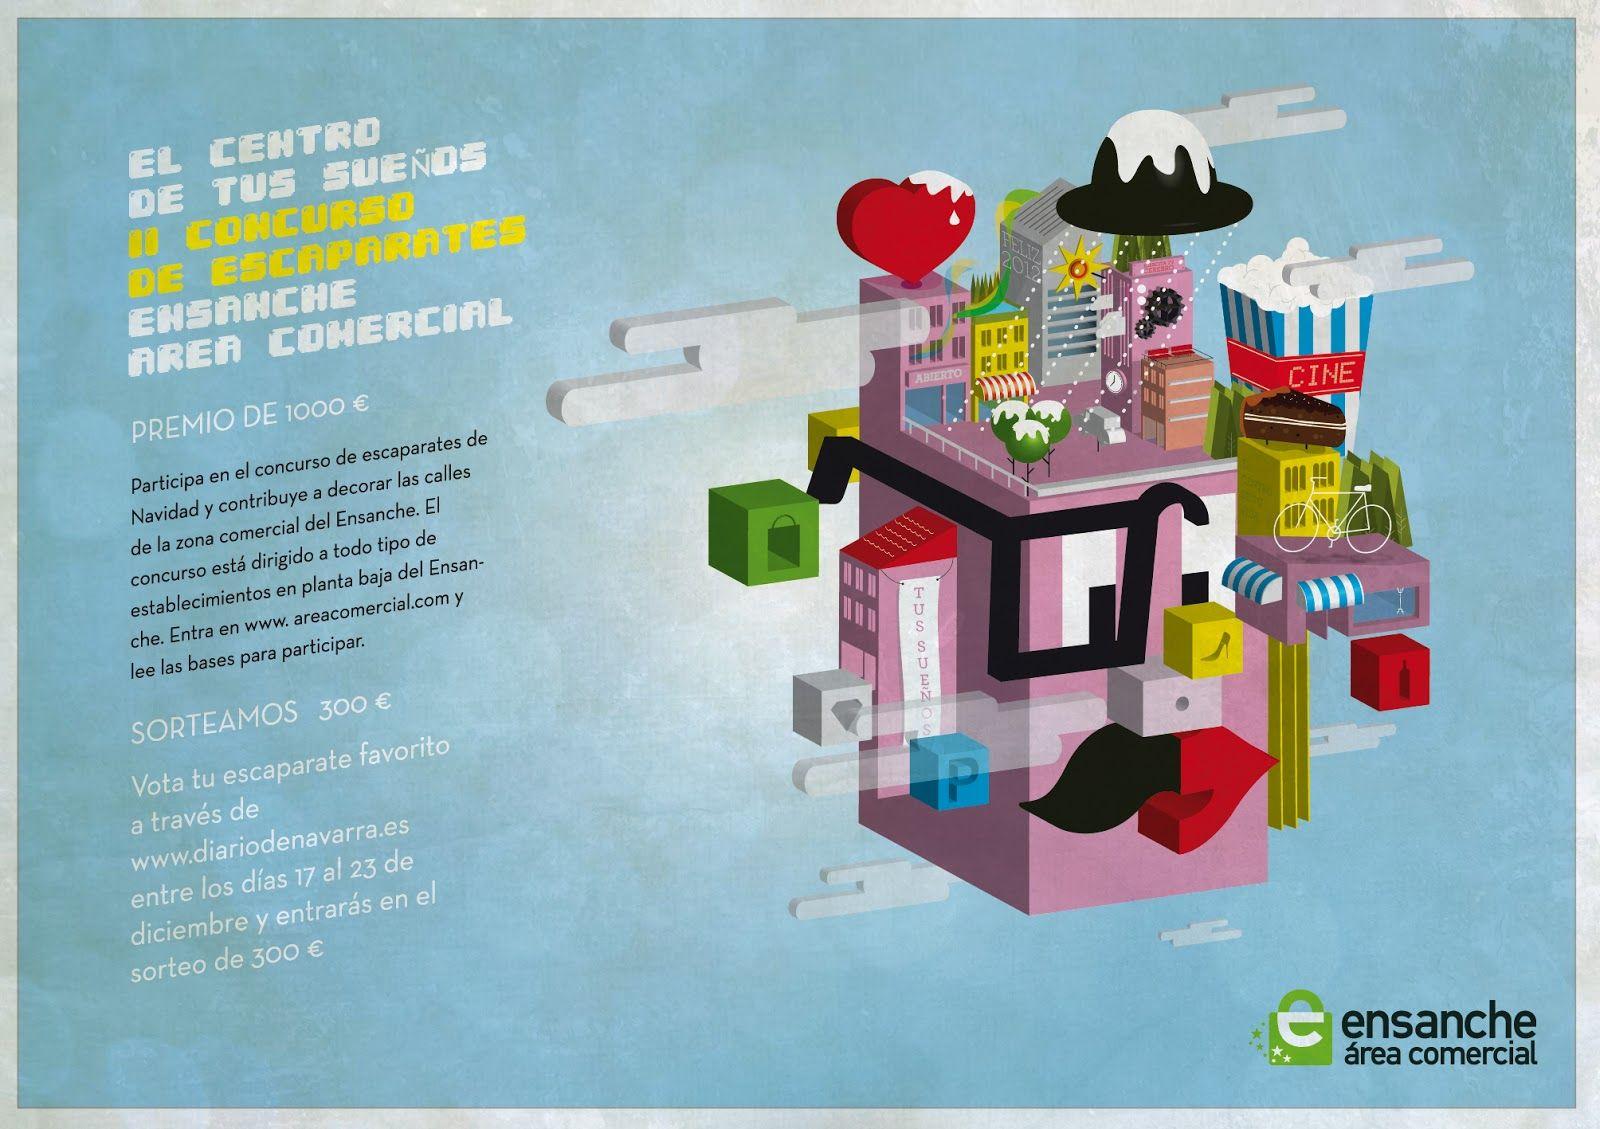 """Anuncio en Diario de Navarra del concurso de escaparates de Navidad """"El centro de tus sueños"""" 2012."""